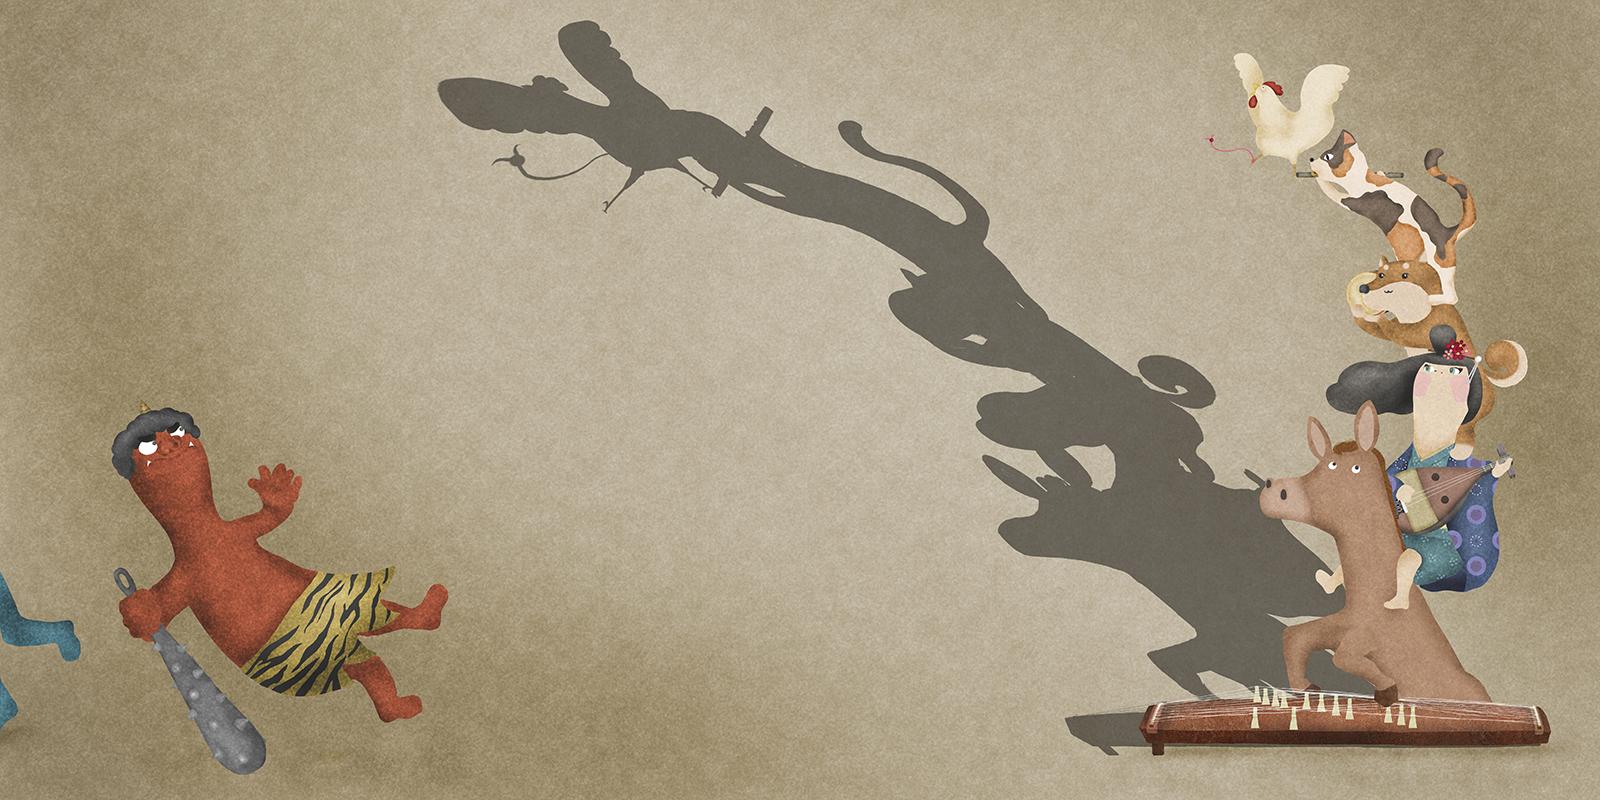 和風ブレーメンの音楽隊と赤鬼のイラスト